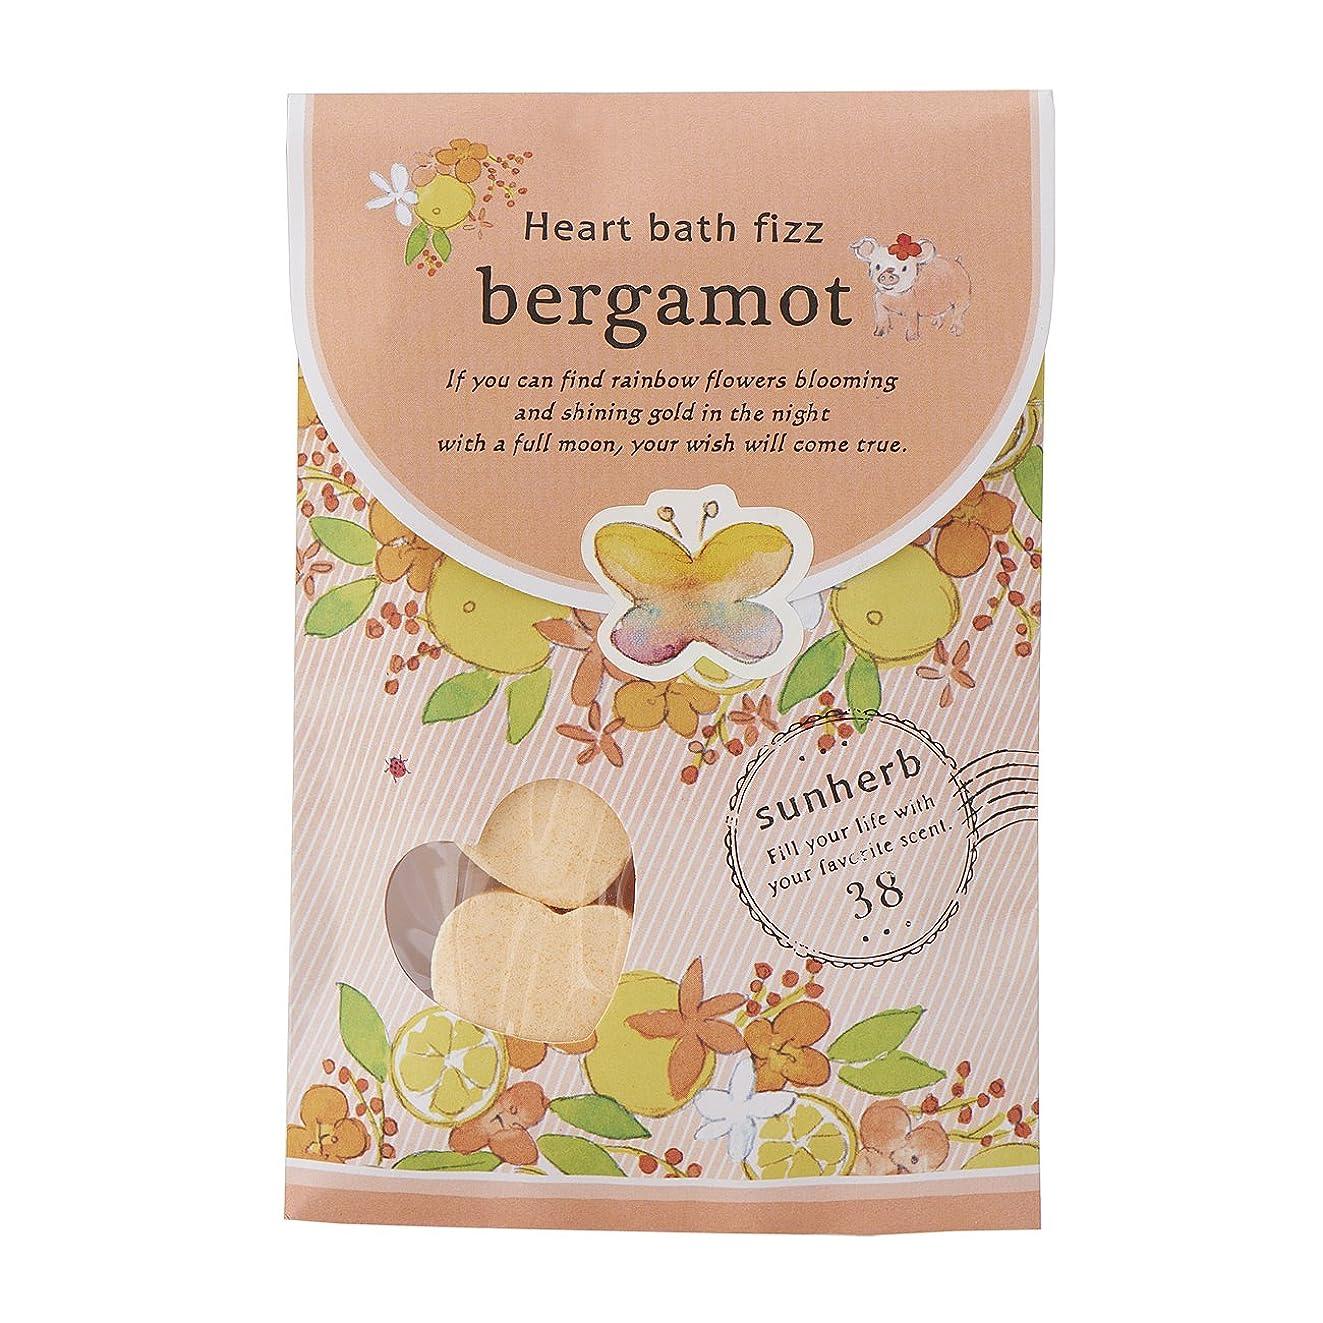 休眠醸造所アートサンハーブ ハートバスフィズ28g×2包 ベルガモット(発泡タイプの入浴料 懐かしい甘酸っぱい香り)